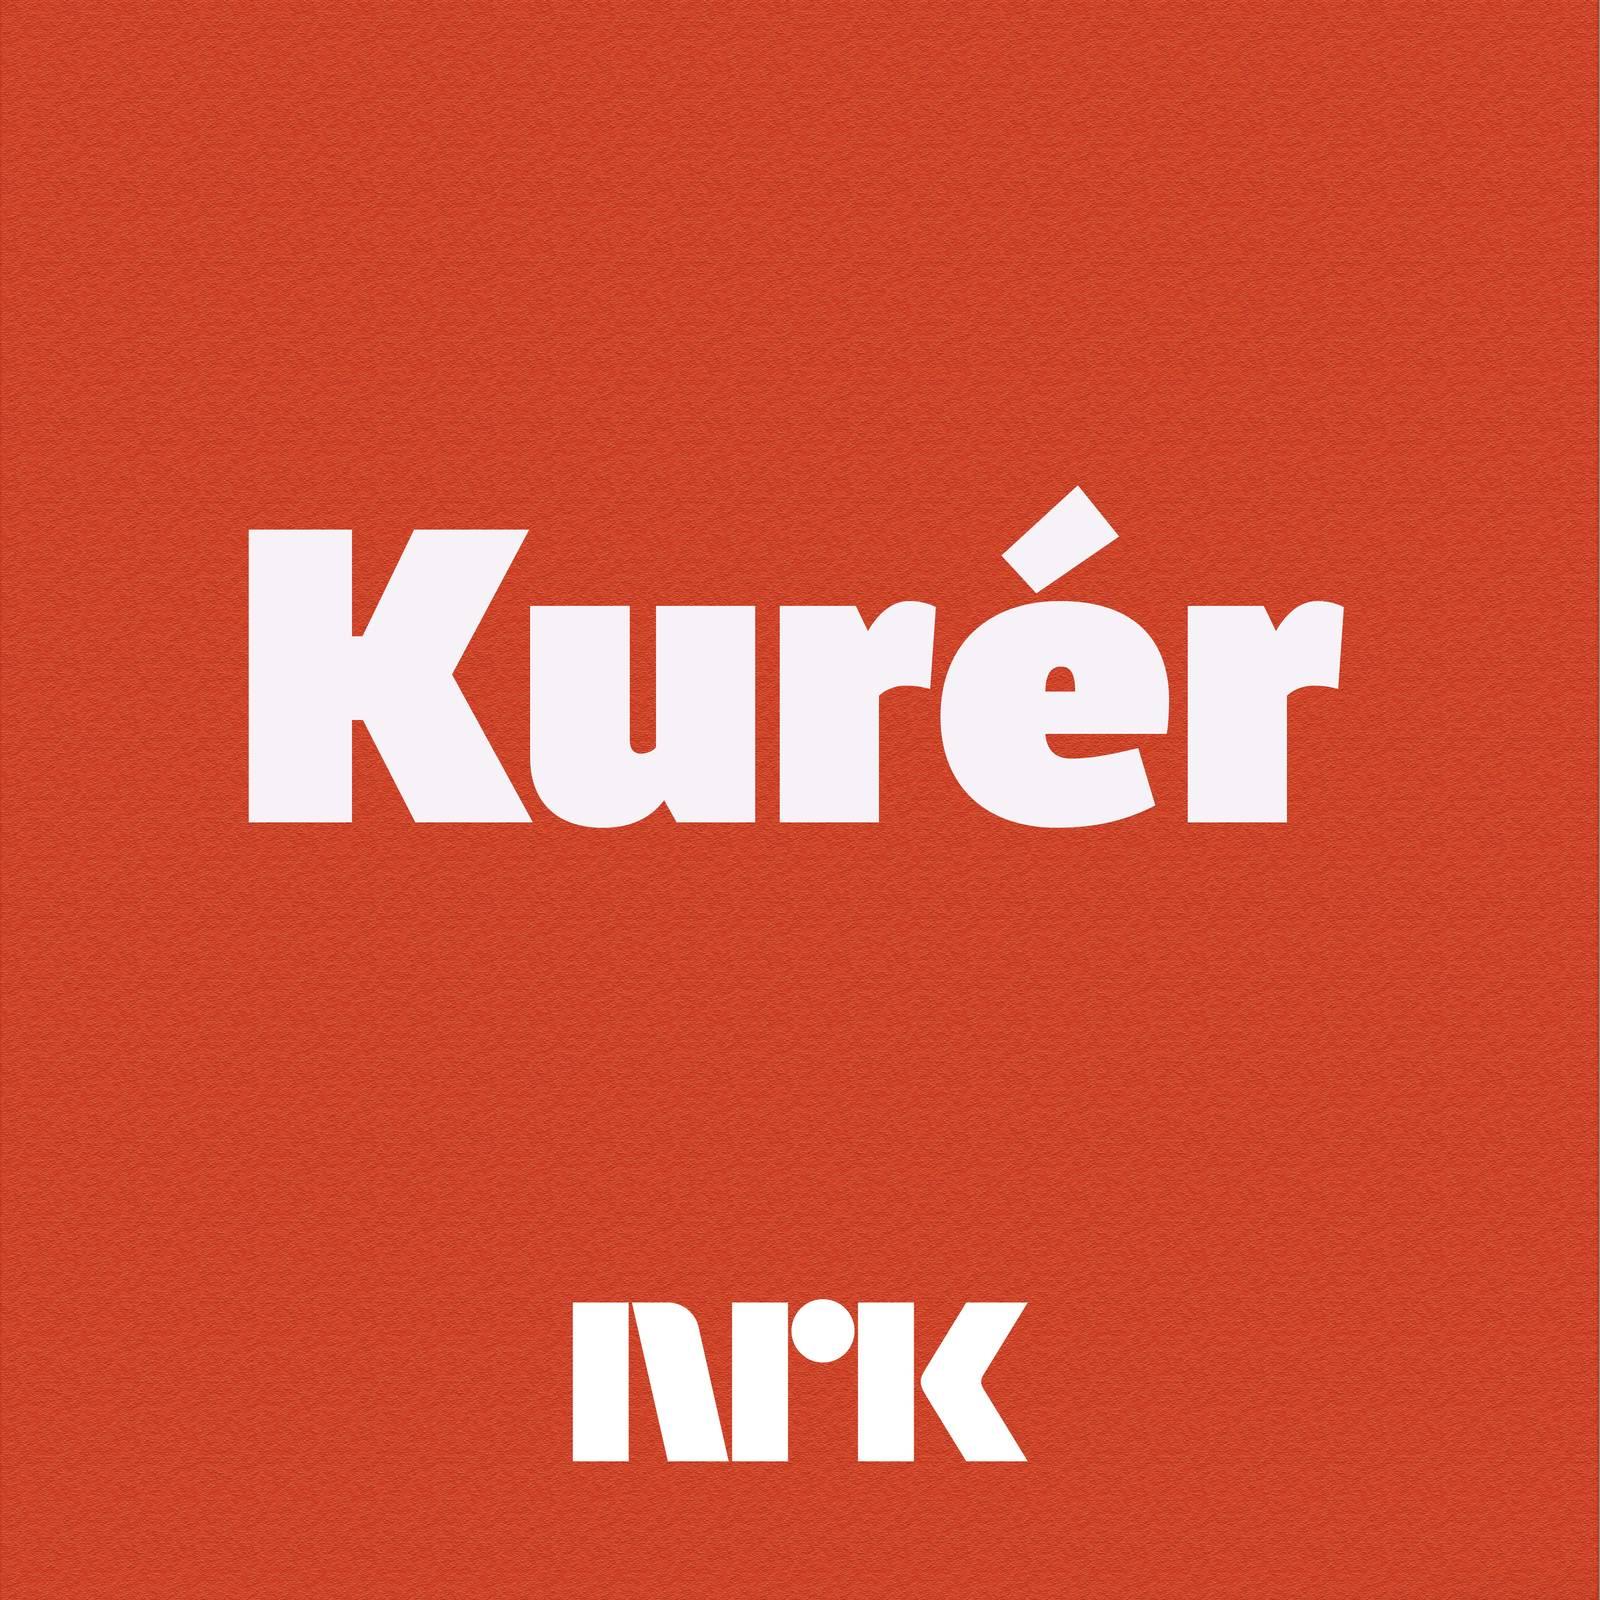 Kurer